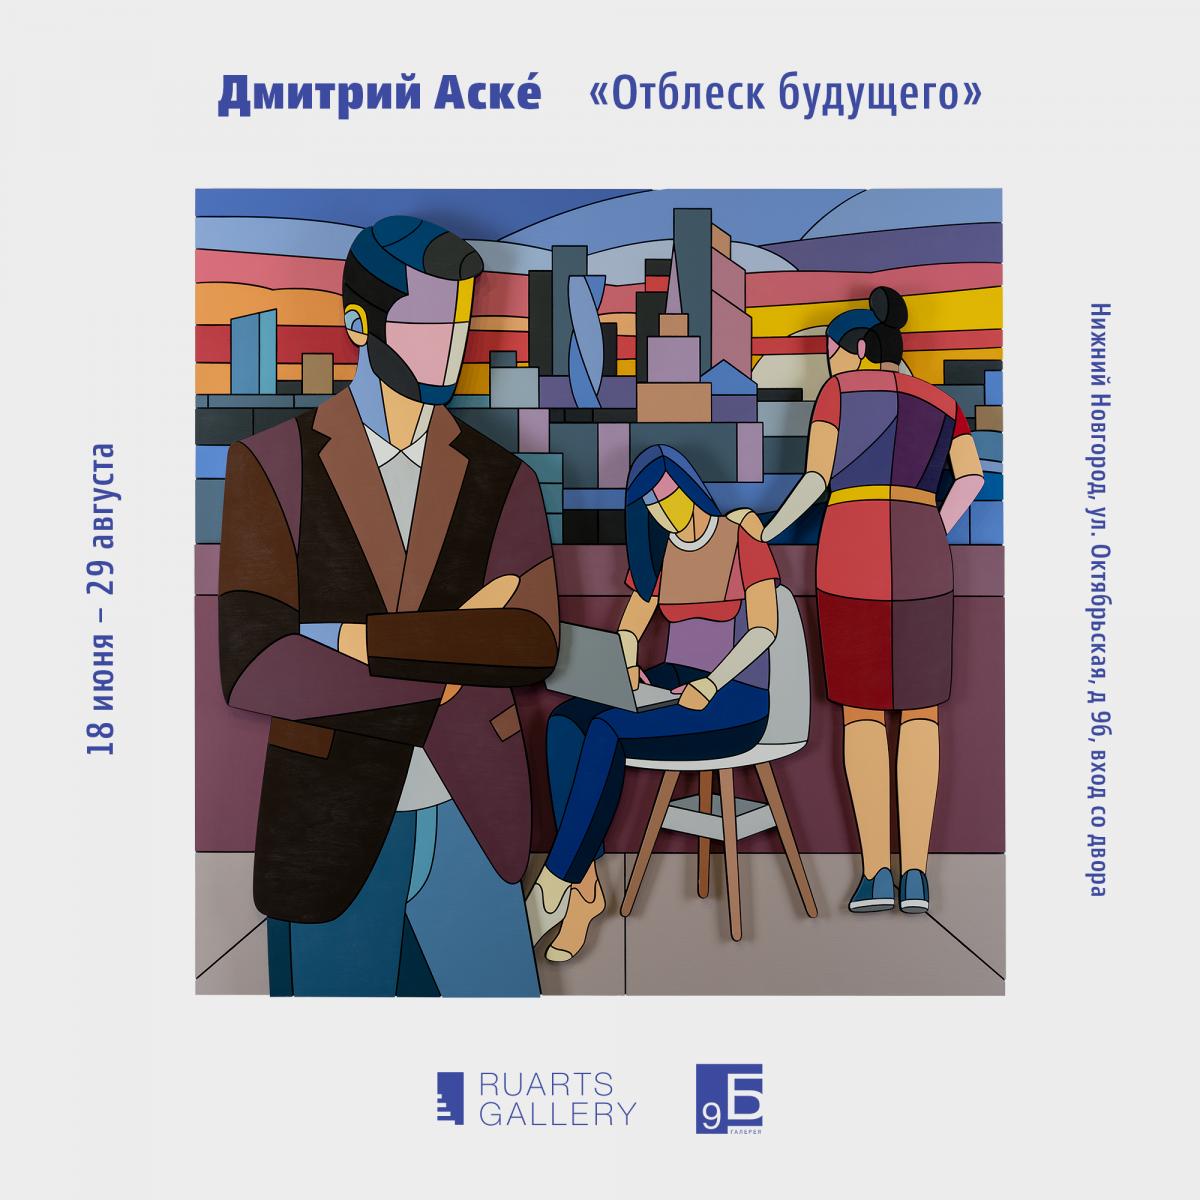 Персональная выставка Дмитрия Аске откроется в нижегородской Галерее 9Б